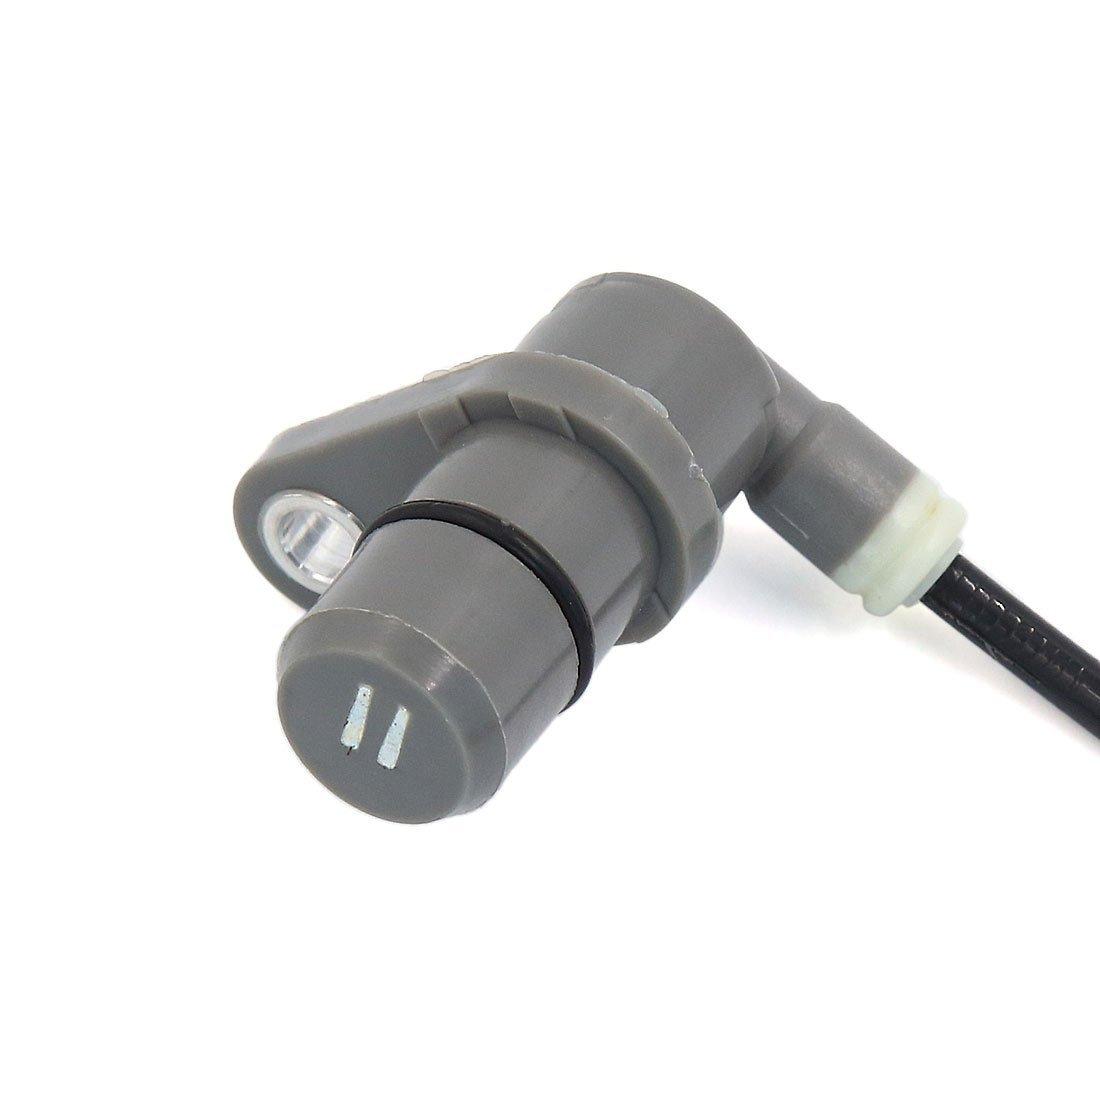 Amazon.com: eDealMax 8954633020 ABS de la rueda trasera izquierda del Sensor de velocidad del lado del Conductor de 97-01 Lexus ES300: Automotive